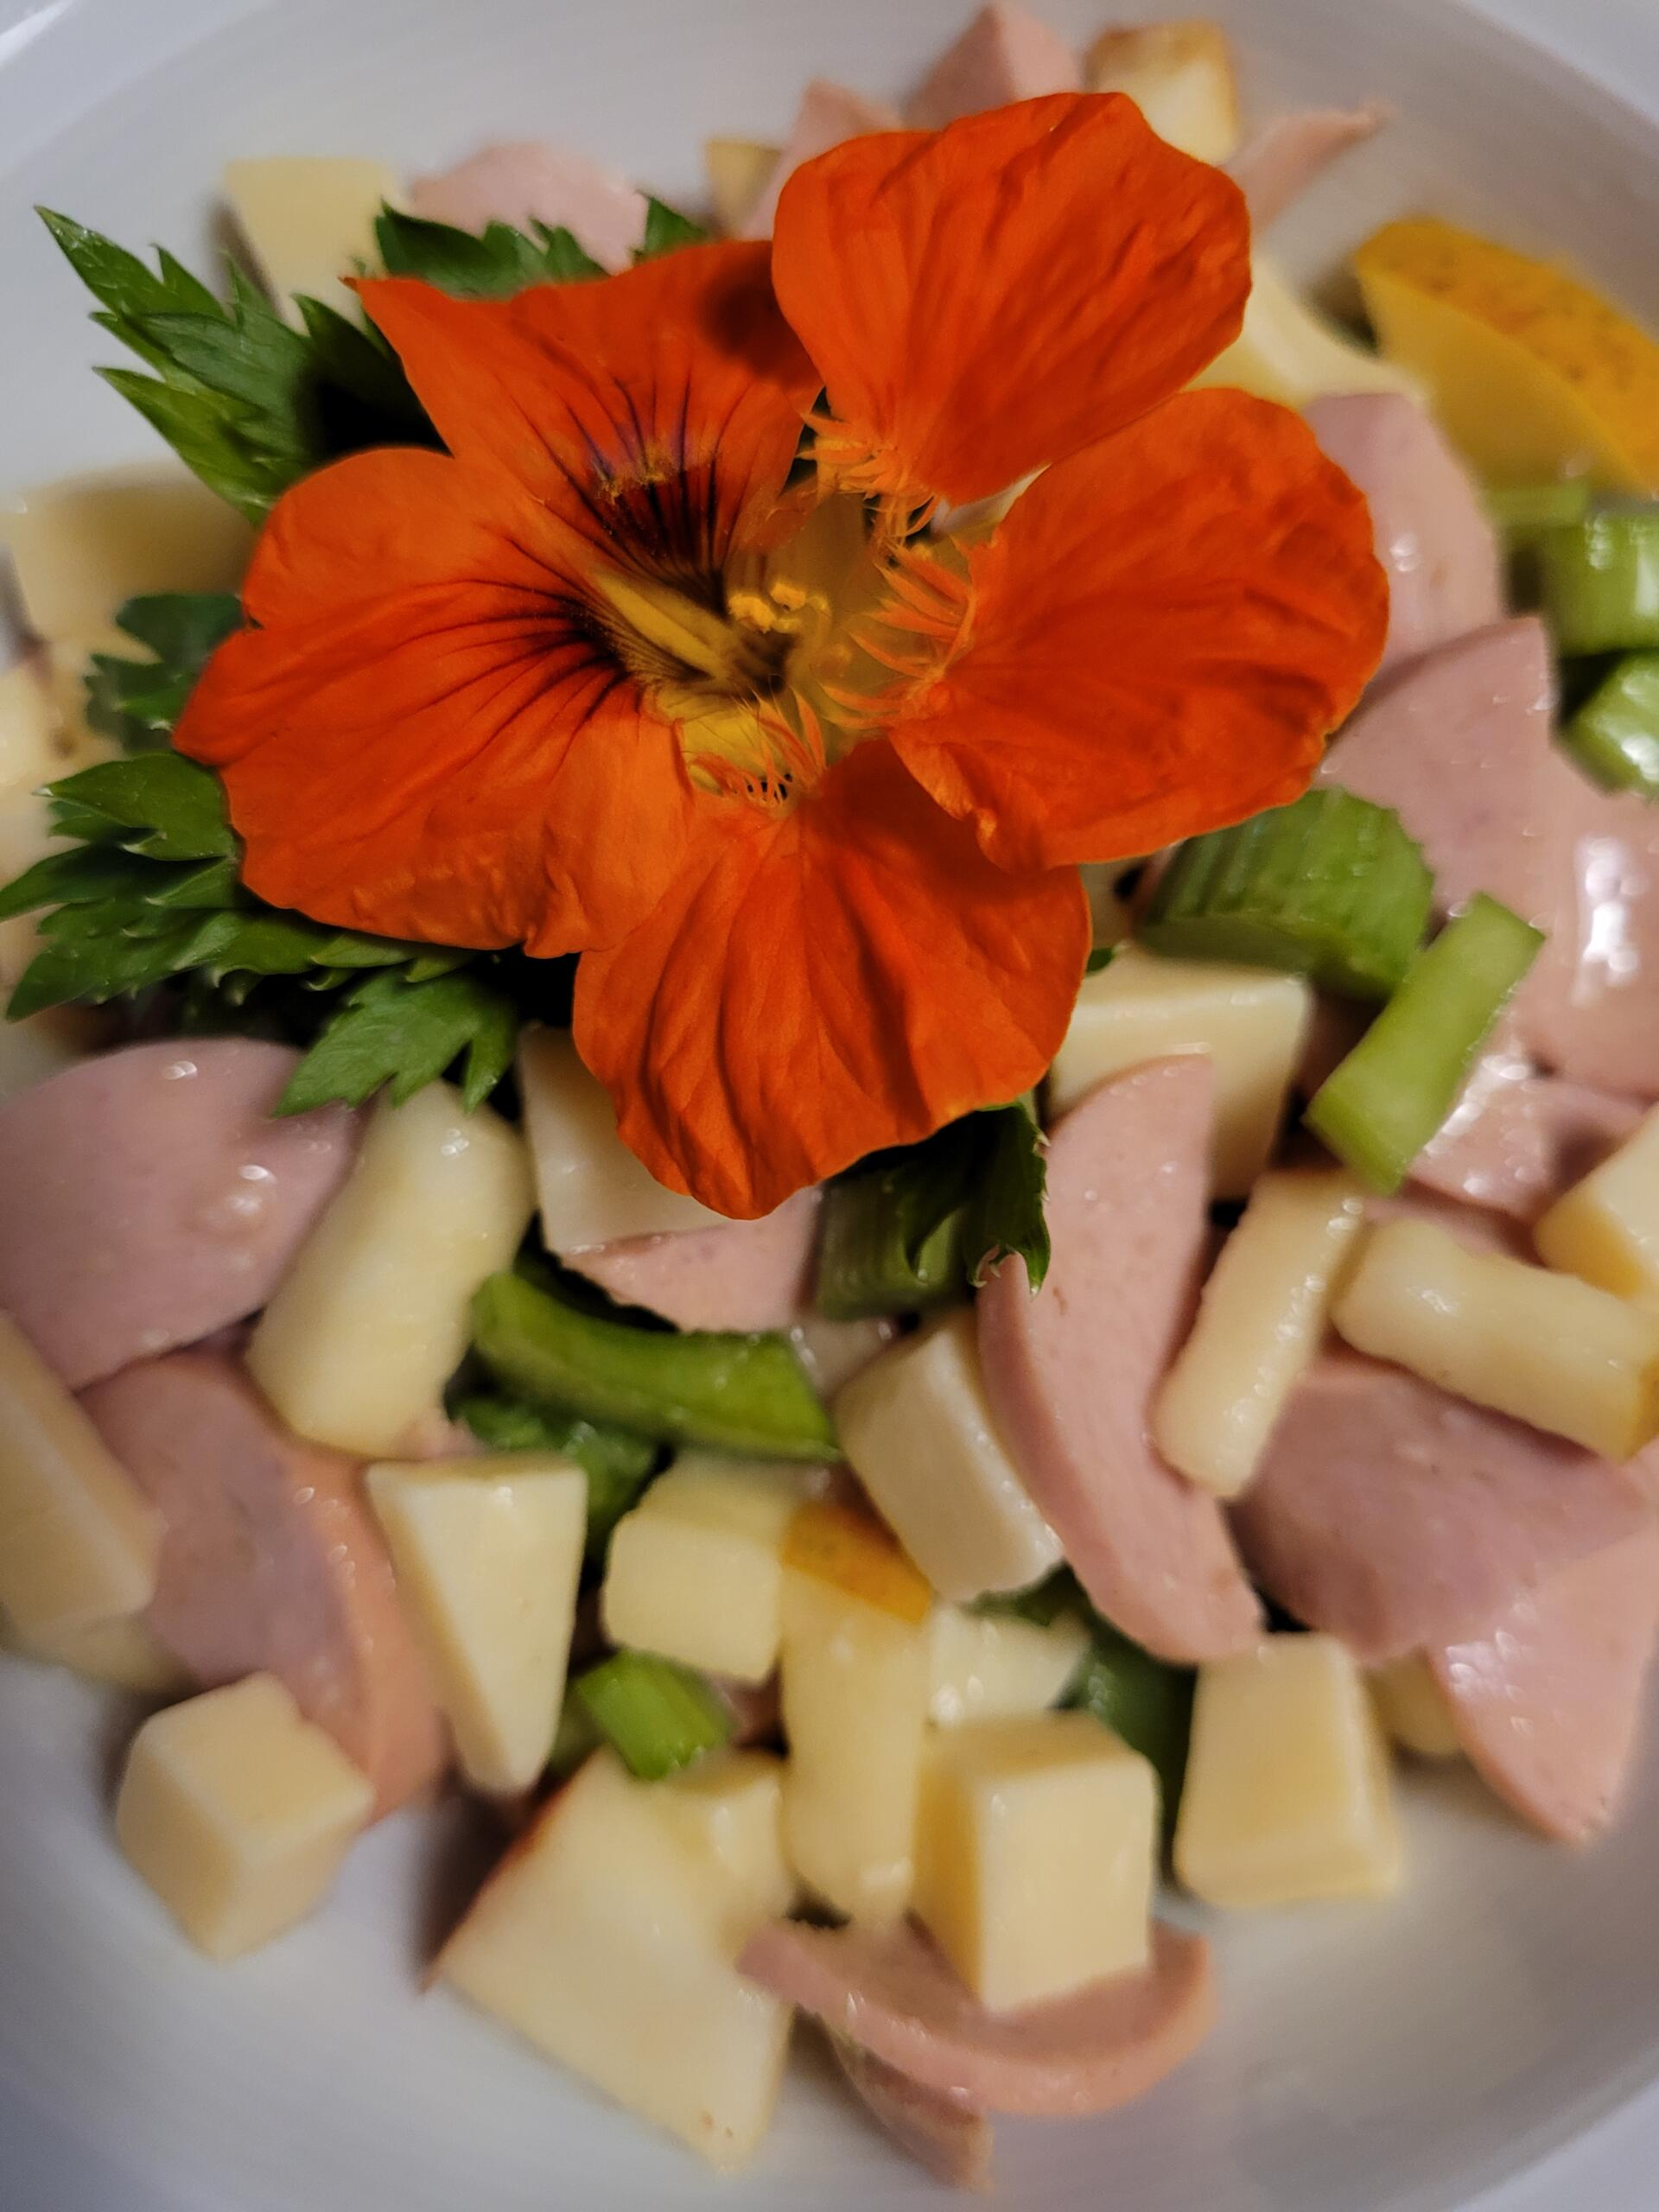 frischer Wurst-Käse-Salat mit Äpfeln und Stangensellerie